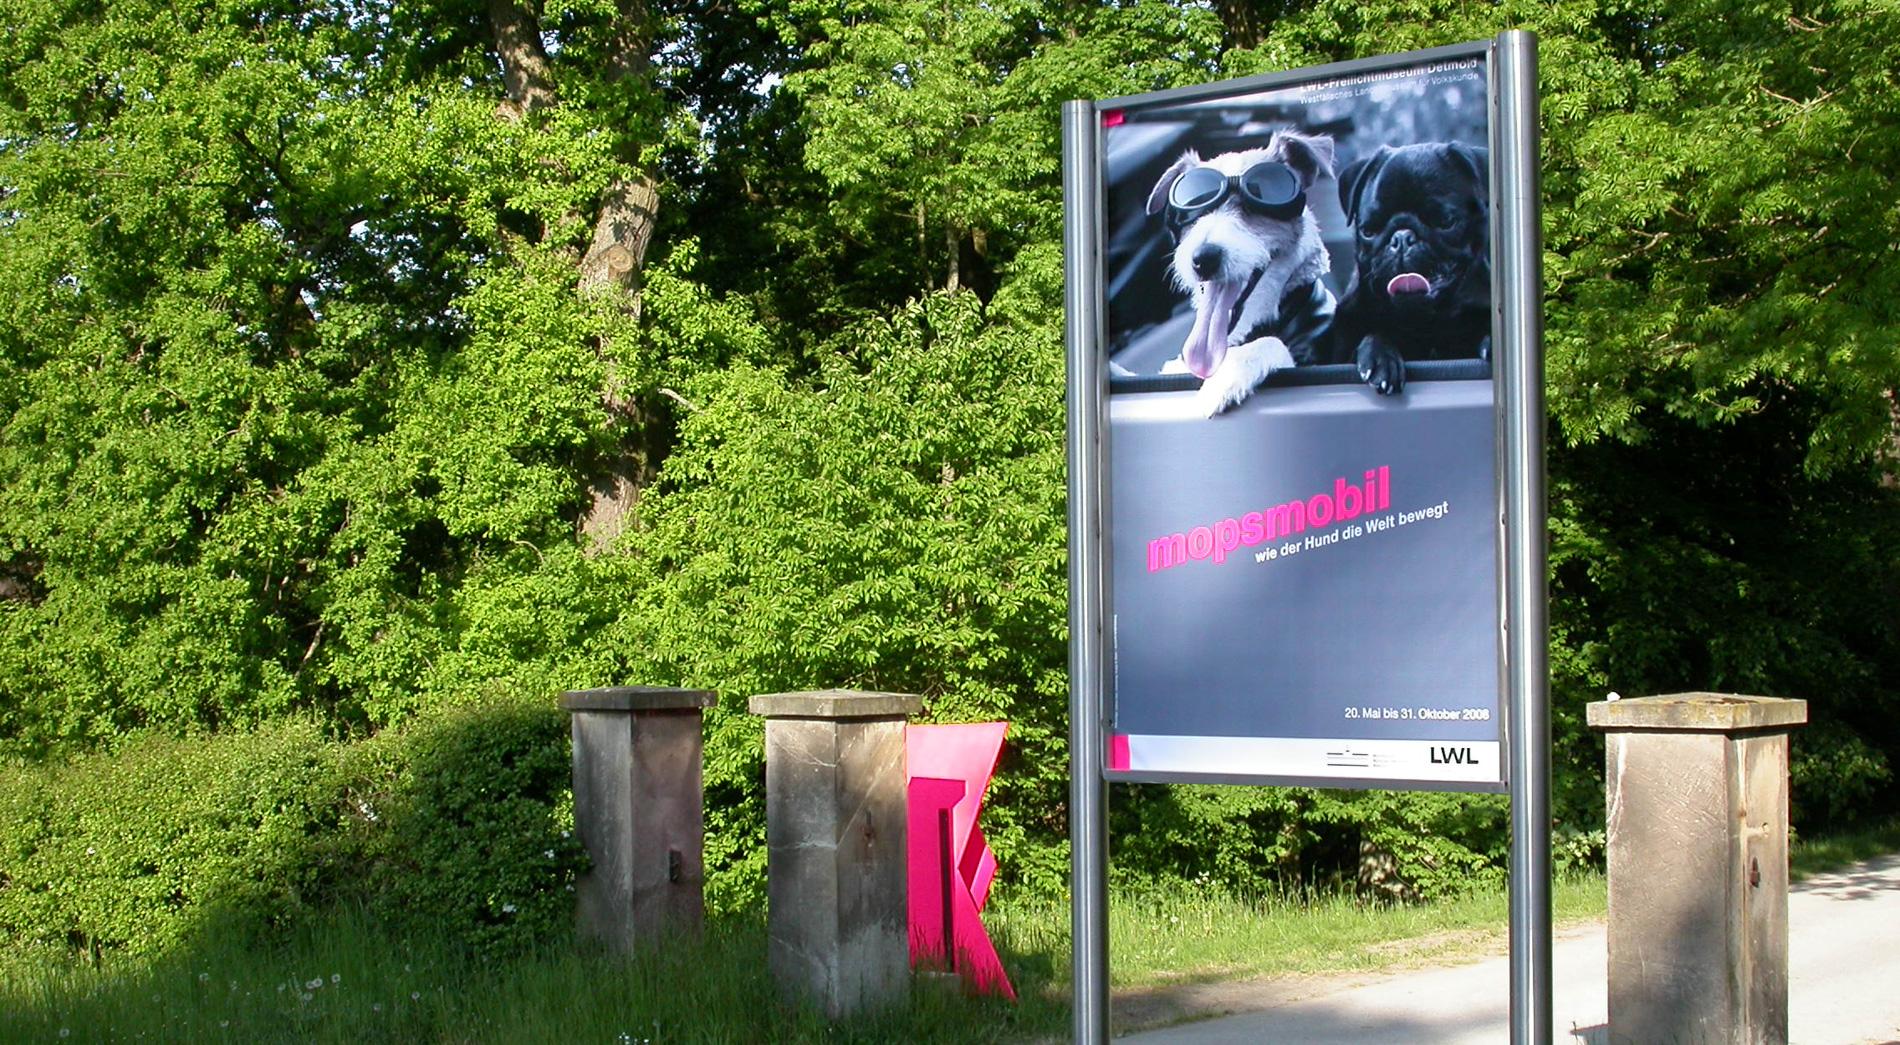 Ausstellung mopsmobil im Rahmen der Jahrresausstellung des LWL Freilichtmuseum Detmold